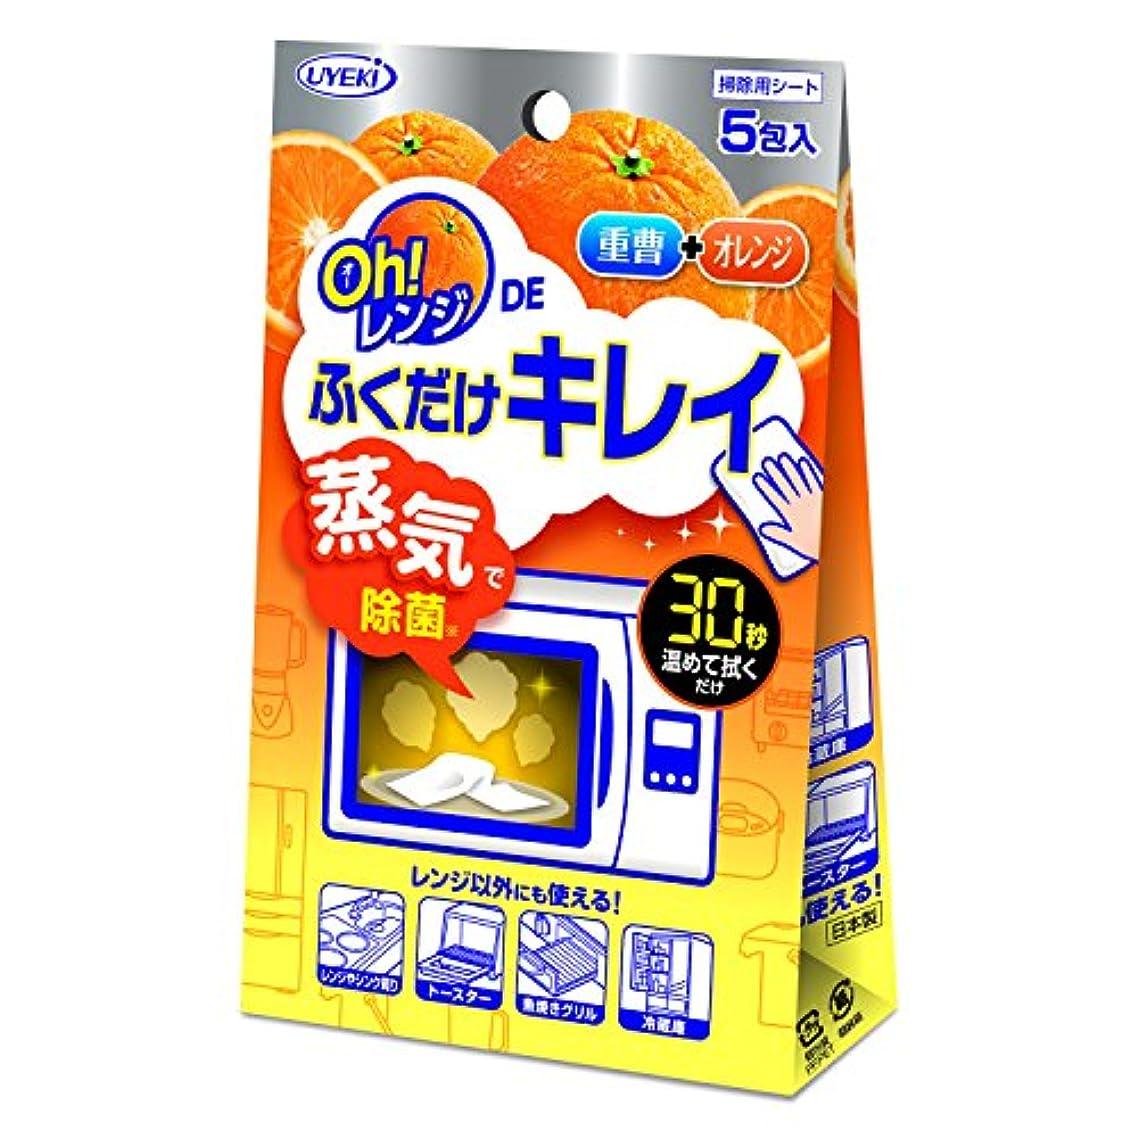 参照軽食ヒットOh! レンジDEふくだけキレイ (お掃除シート)  重曹+オレンジオイル配合 電子レンジ内の汚れを蒸気で除菌 5枚入